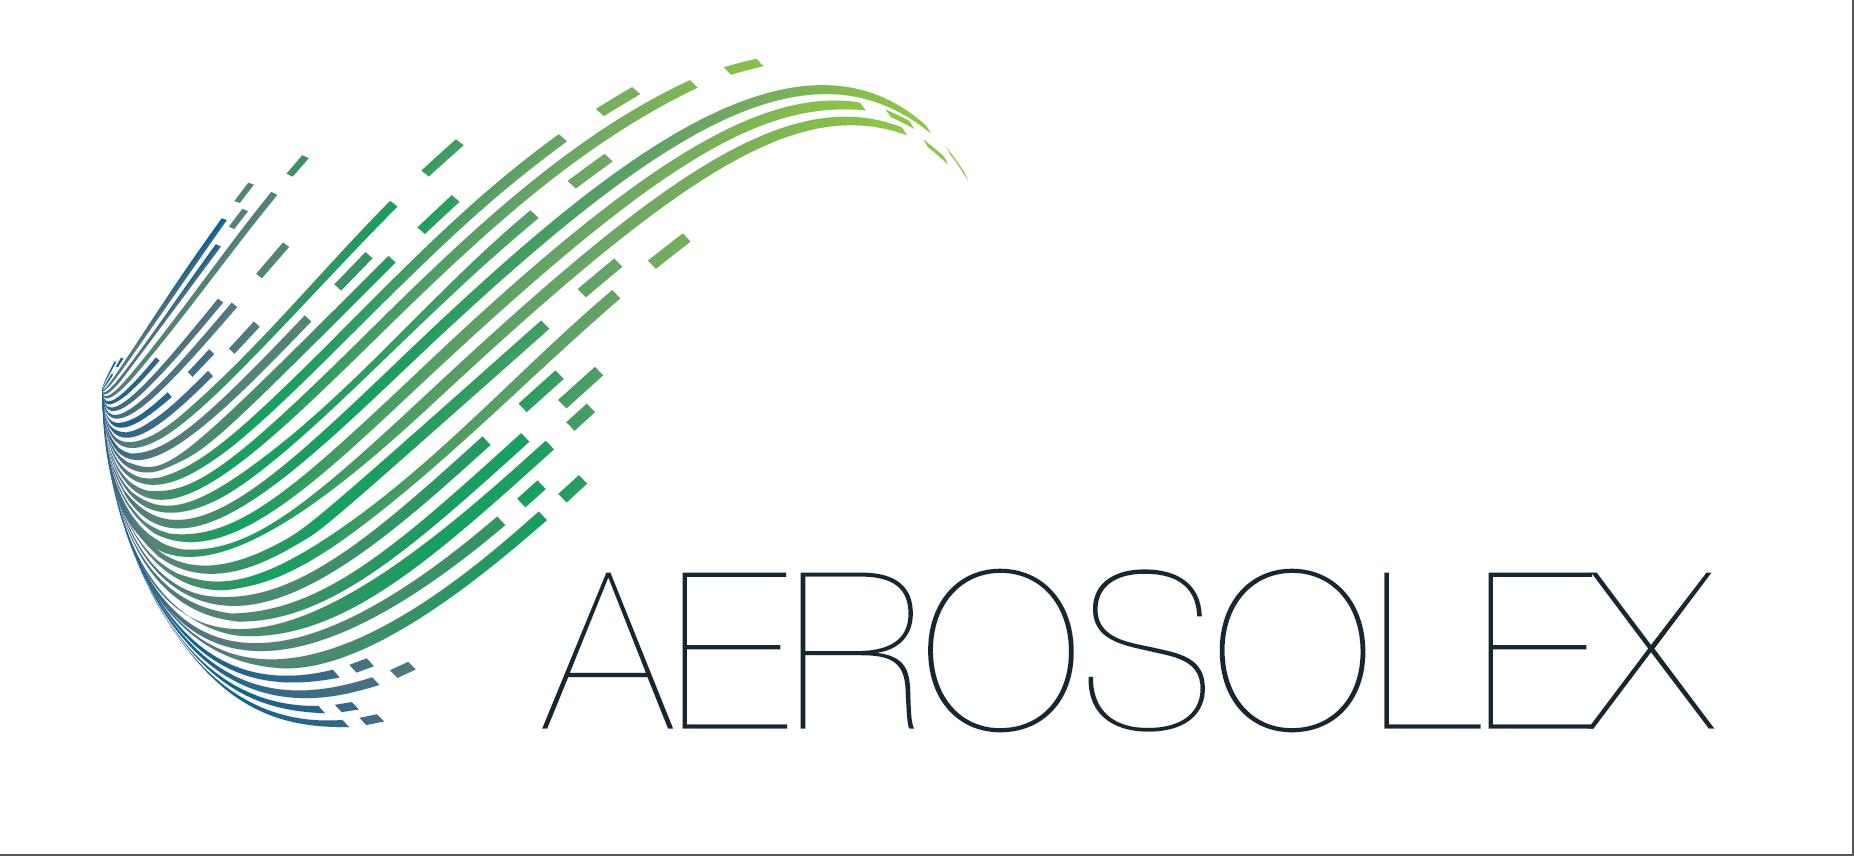 AEROSOLEX PRODUCES 99.999% PURE DIMETHYL ETHER